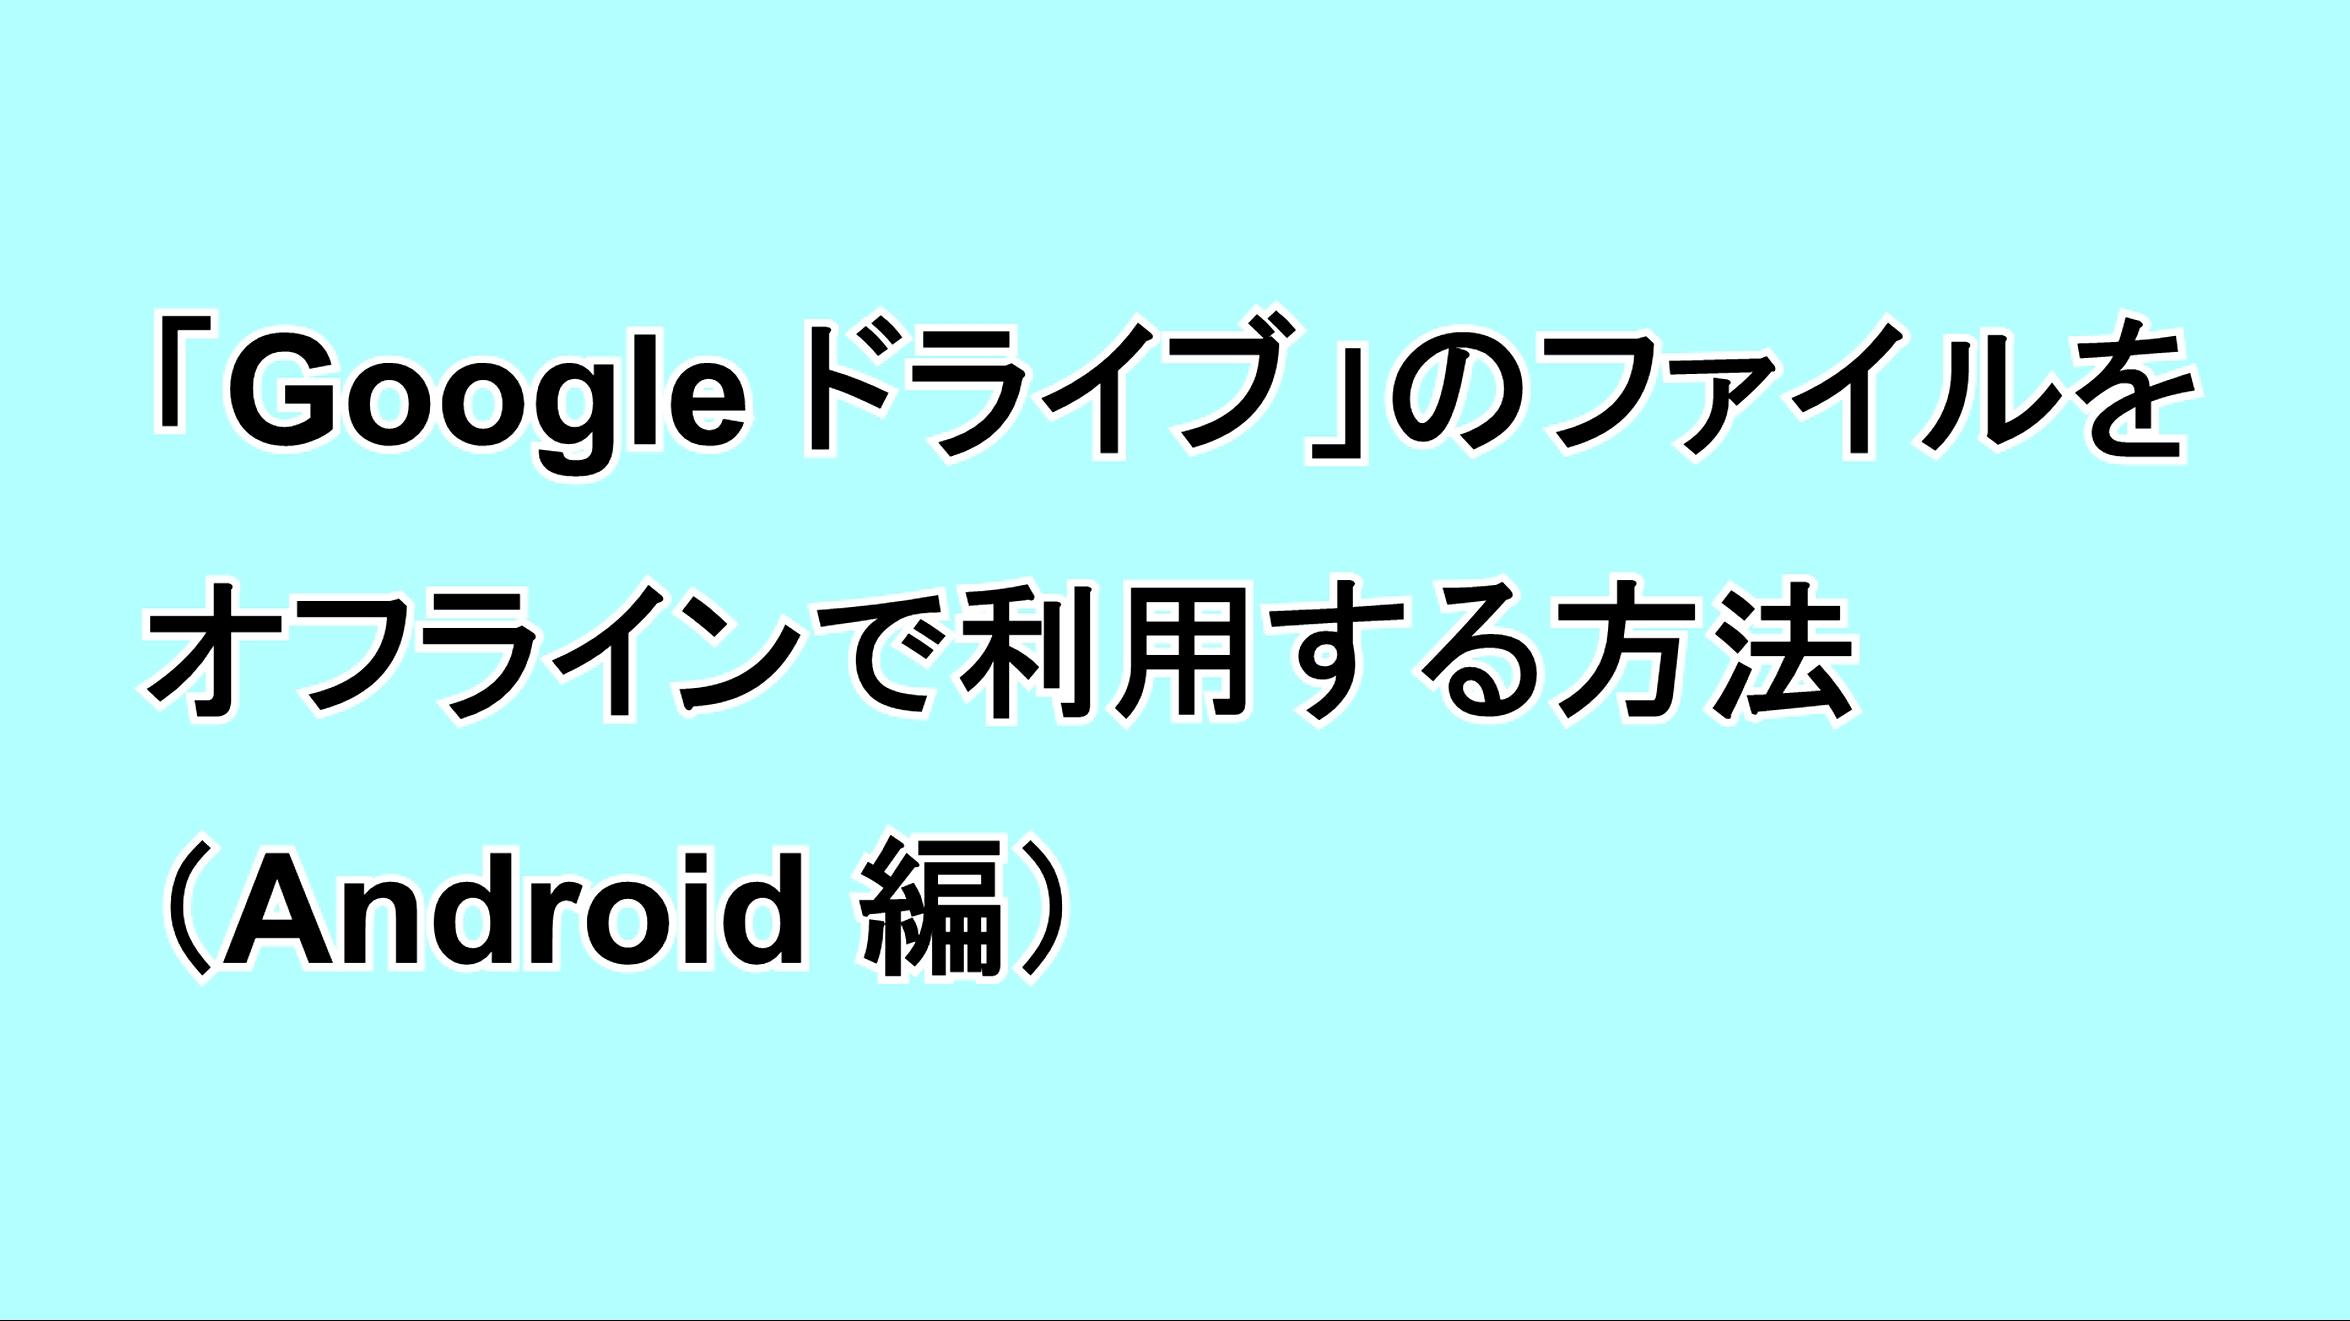 「Google ドライブ」のファイルをオフラインで利用する方法(Android編)